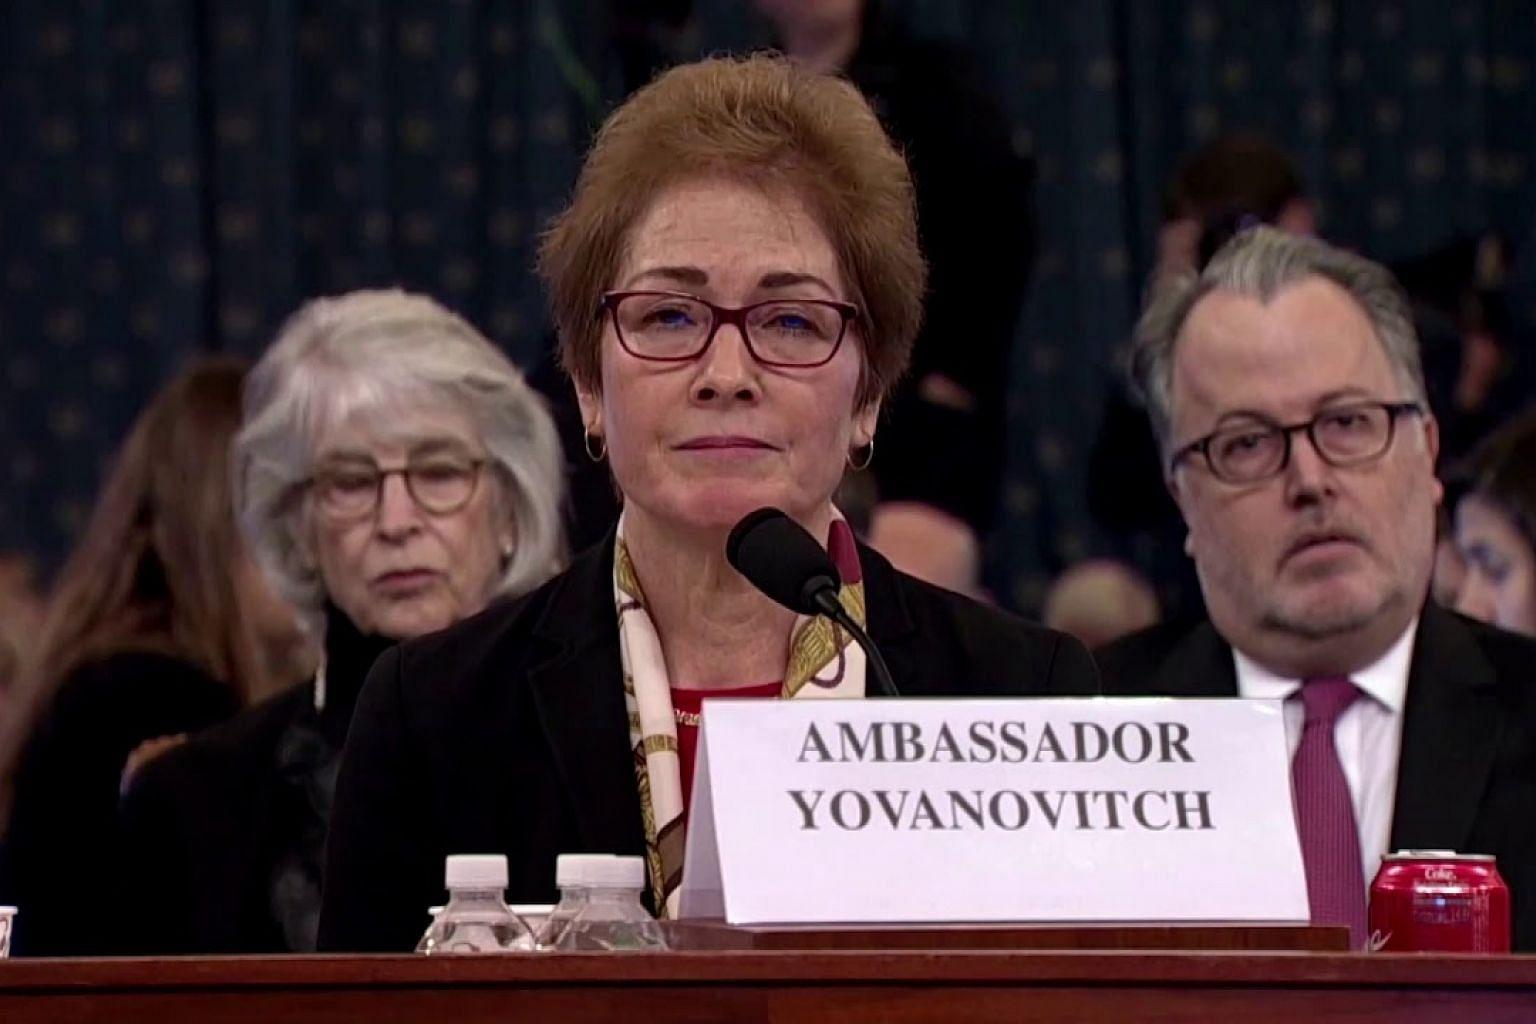 Ukraine probing whether US envoy was surveilled